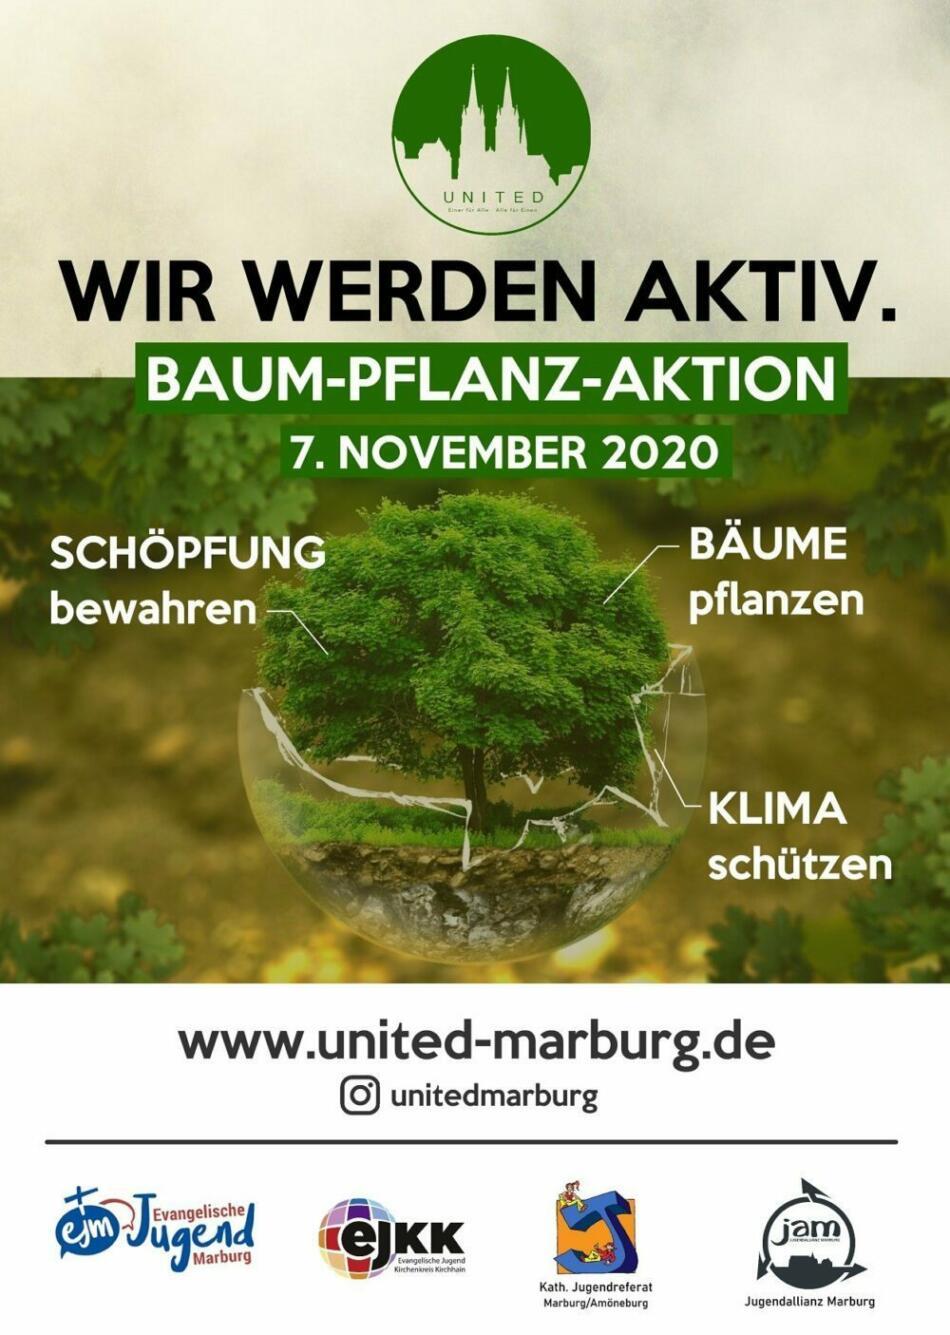 Baum-Pflanz-Aktion von United Baumpflanzaktion A3 Flyer